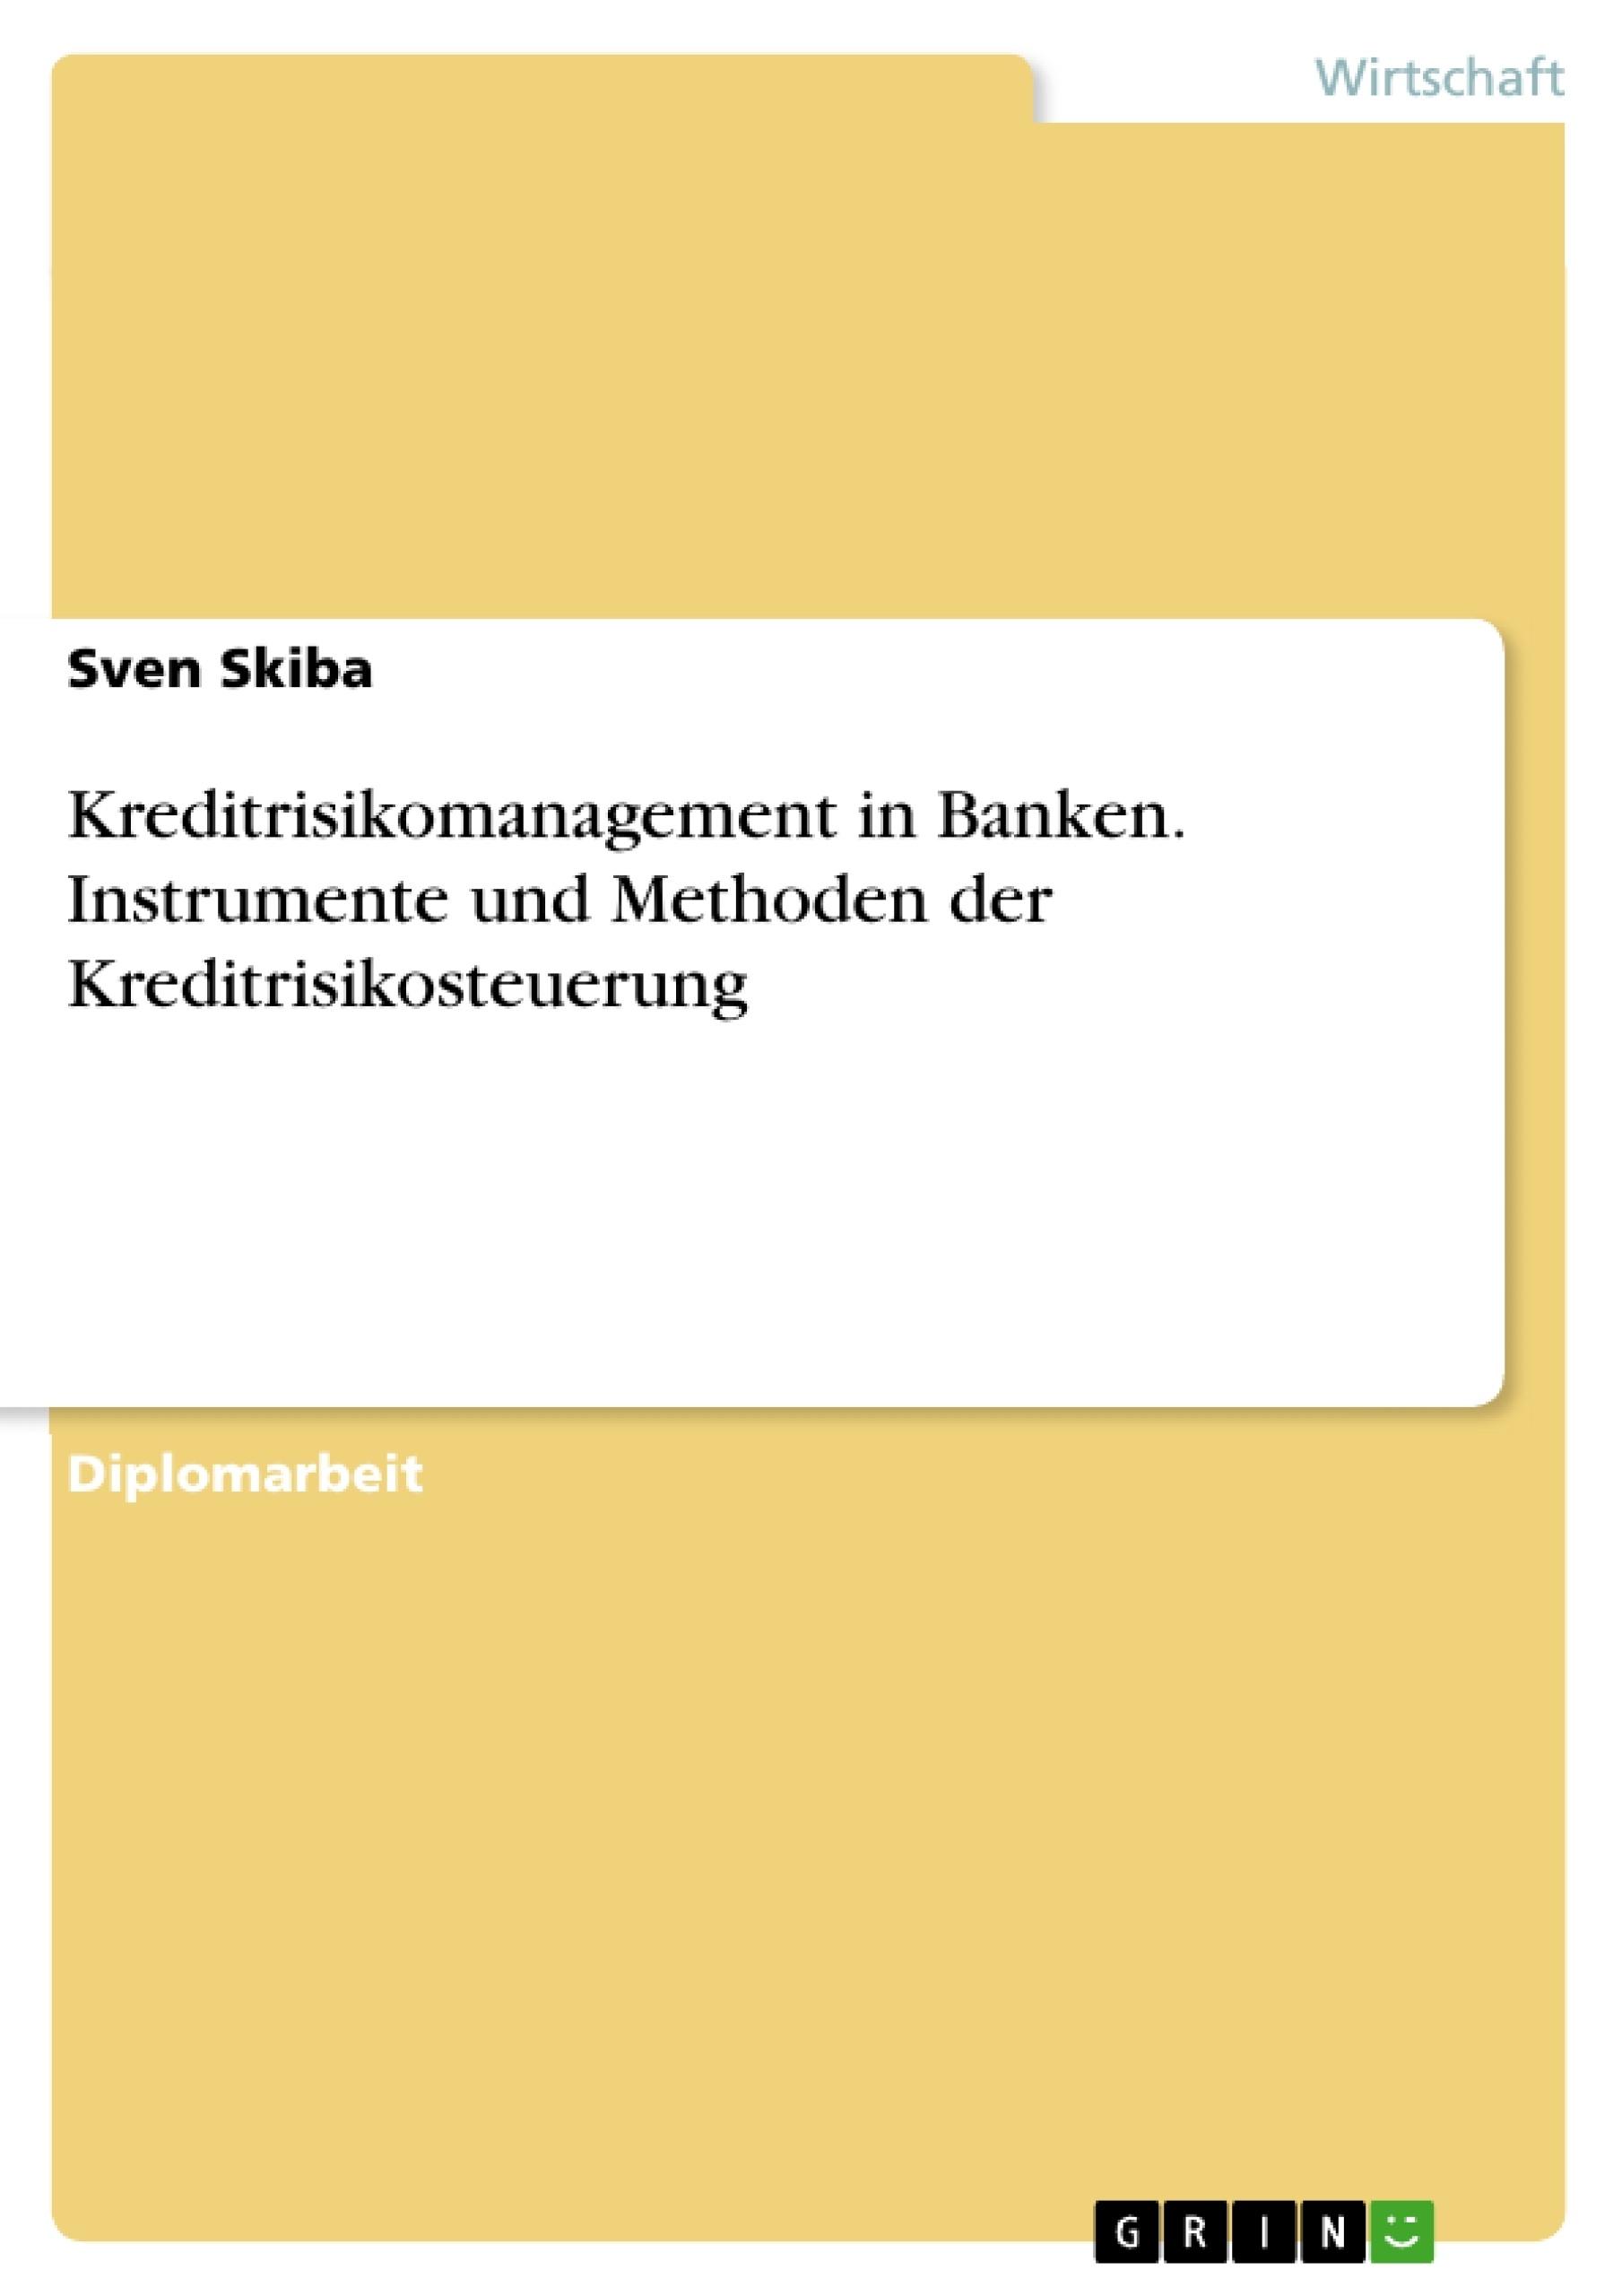 Titel: Kreditrisikomanagement in Banken. Instrumente und Methoden der Kreditrisikosteuerung